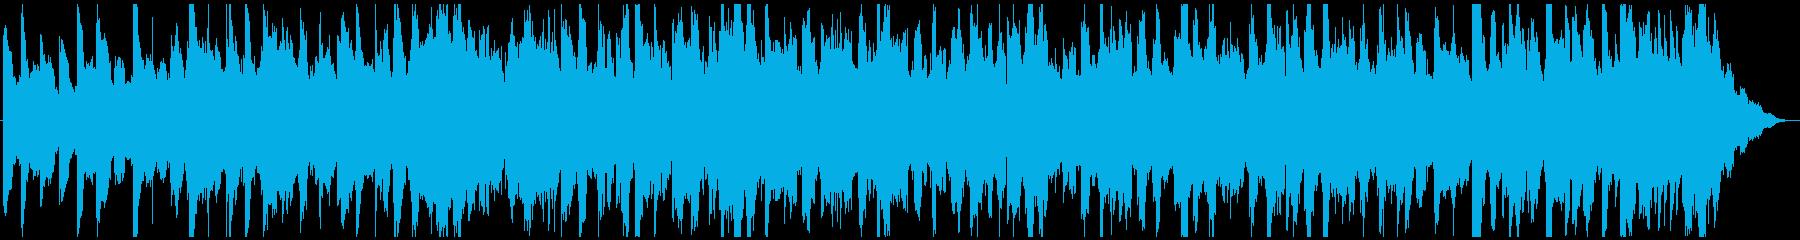 トークや雑談に、落ち着いたBGMの再生済みの波形